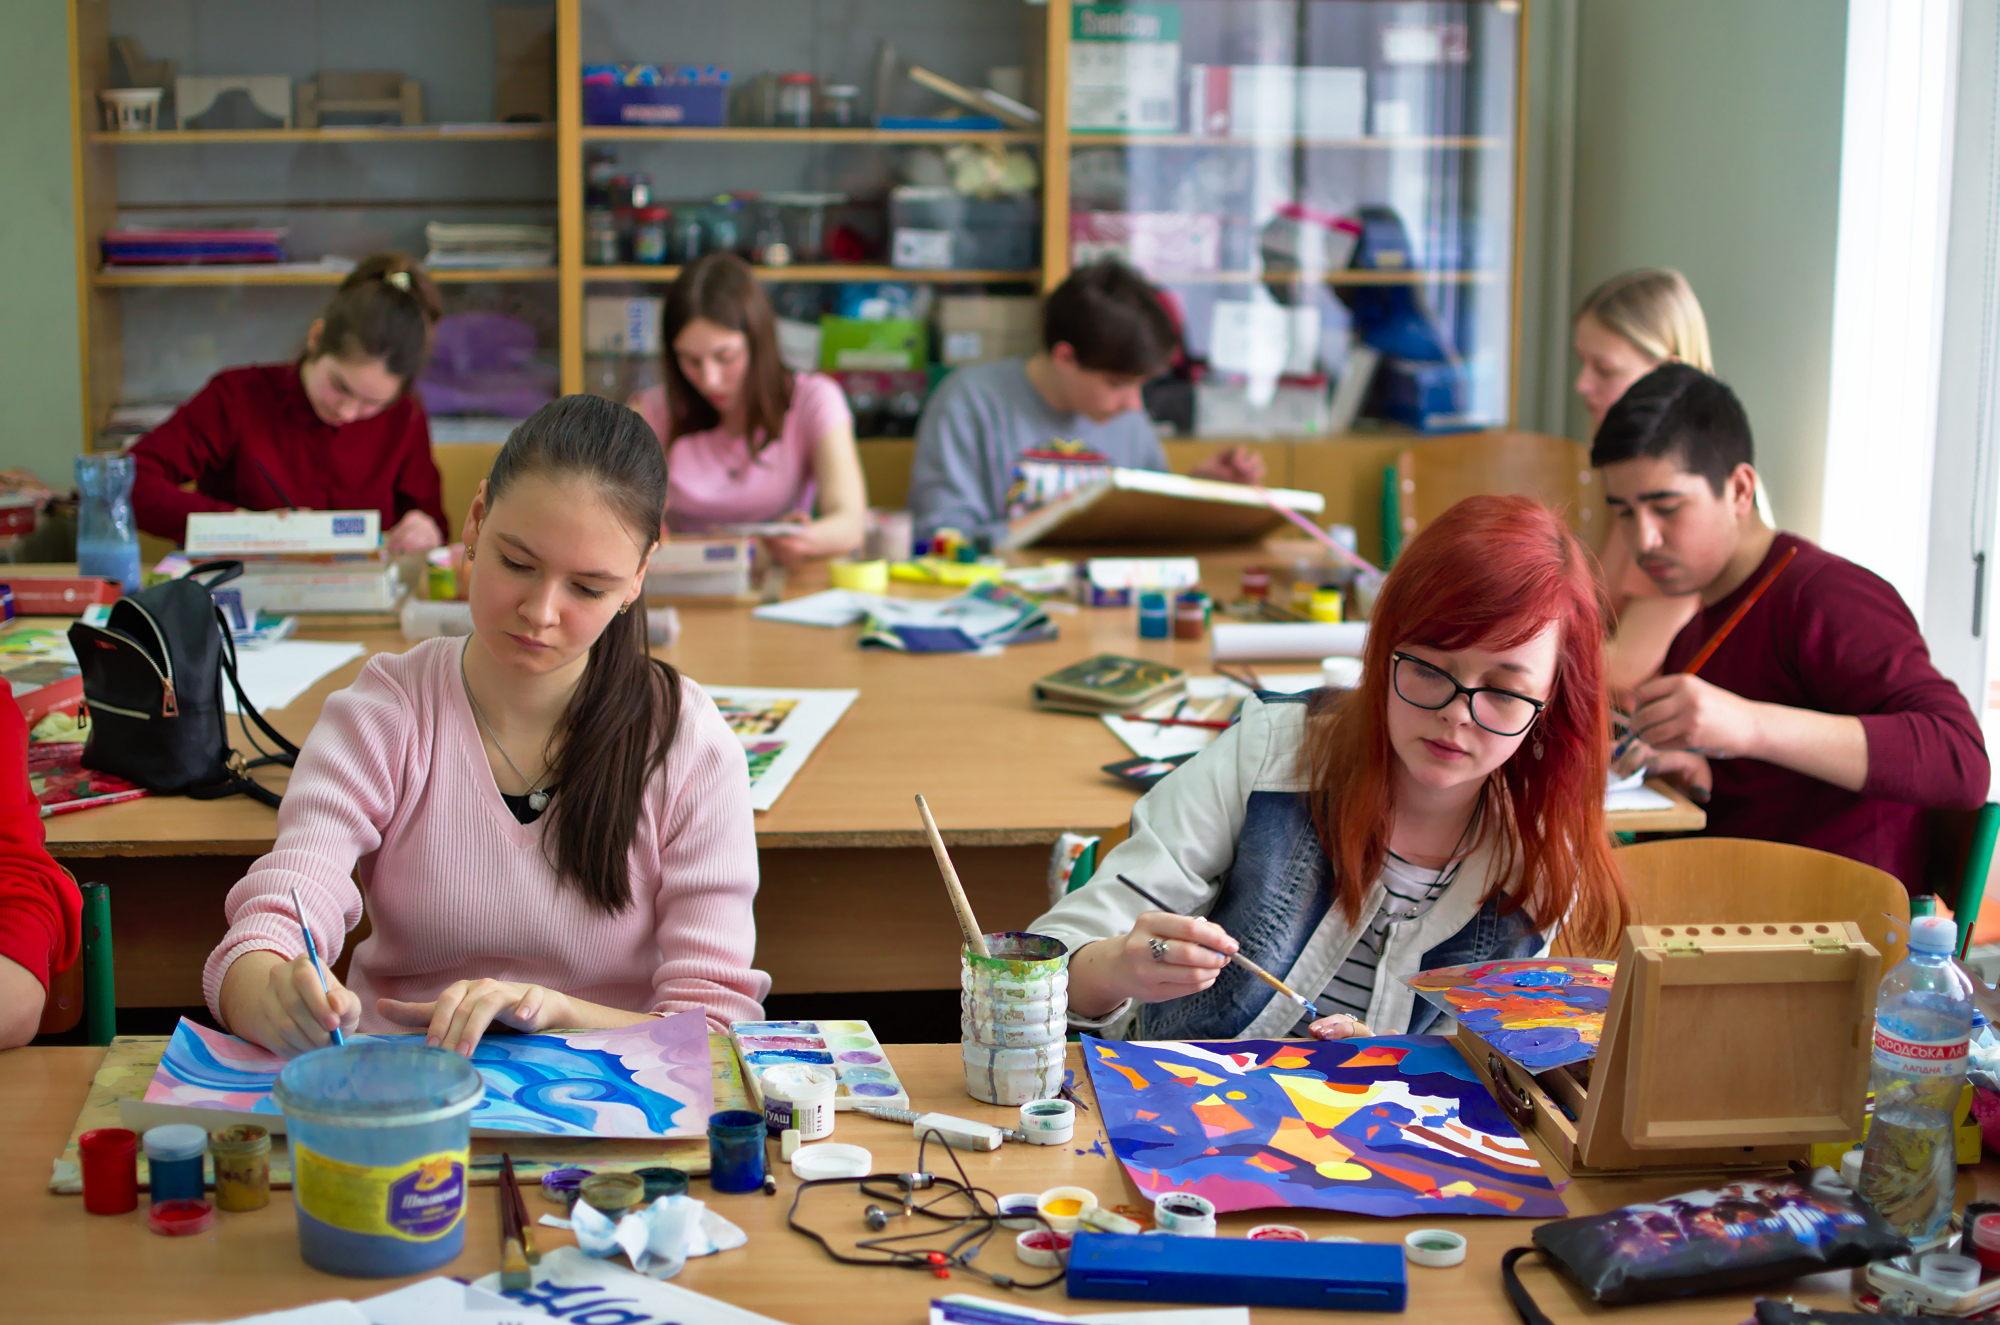 Підведення підсумків І  обласного конкурсу з образотворчого мистецтва для обдарованої молоді «Палітра Черкащини»